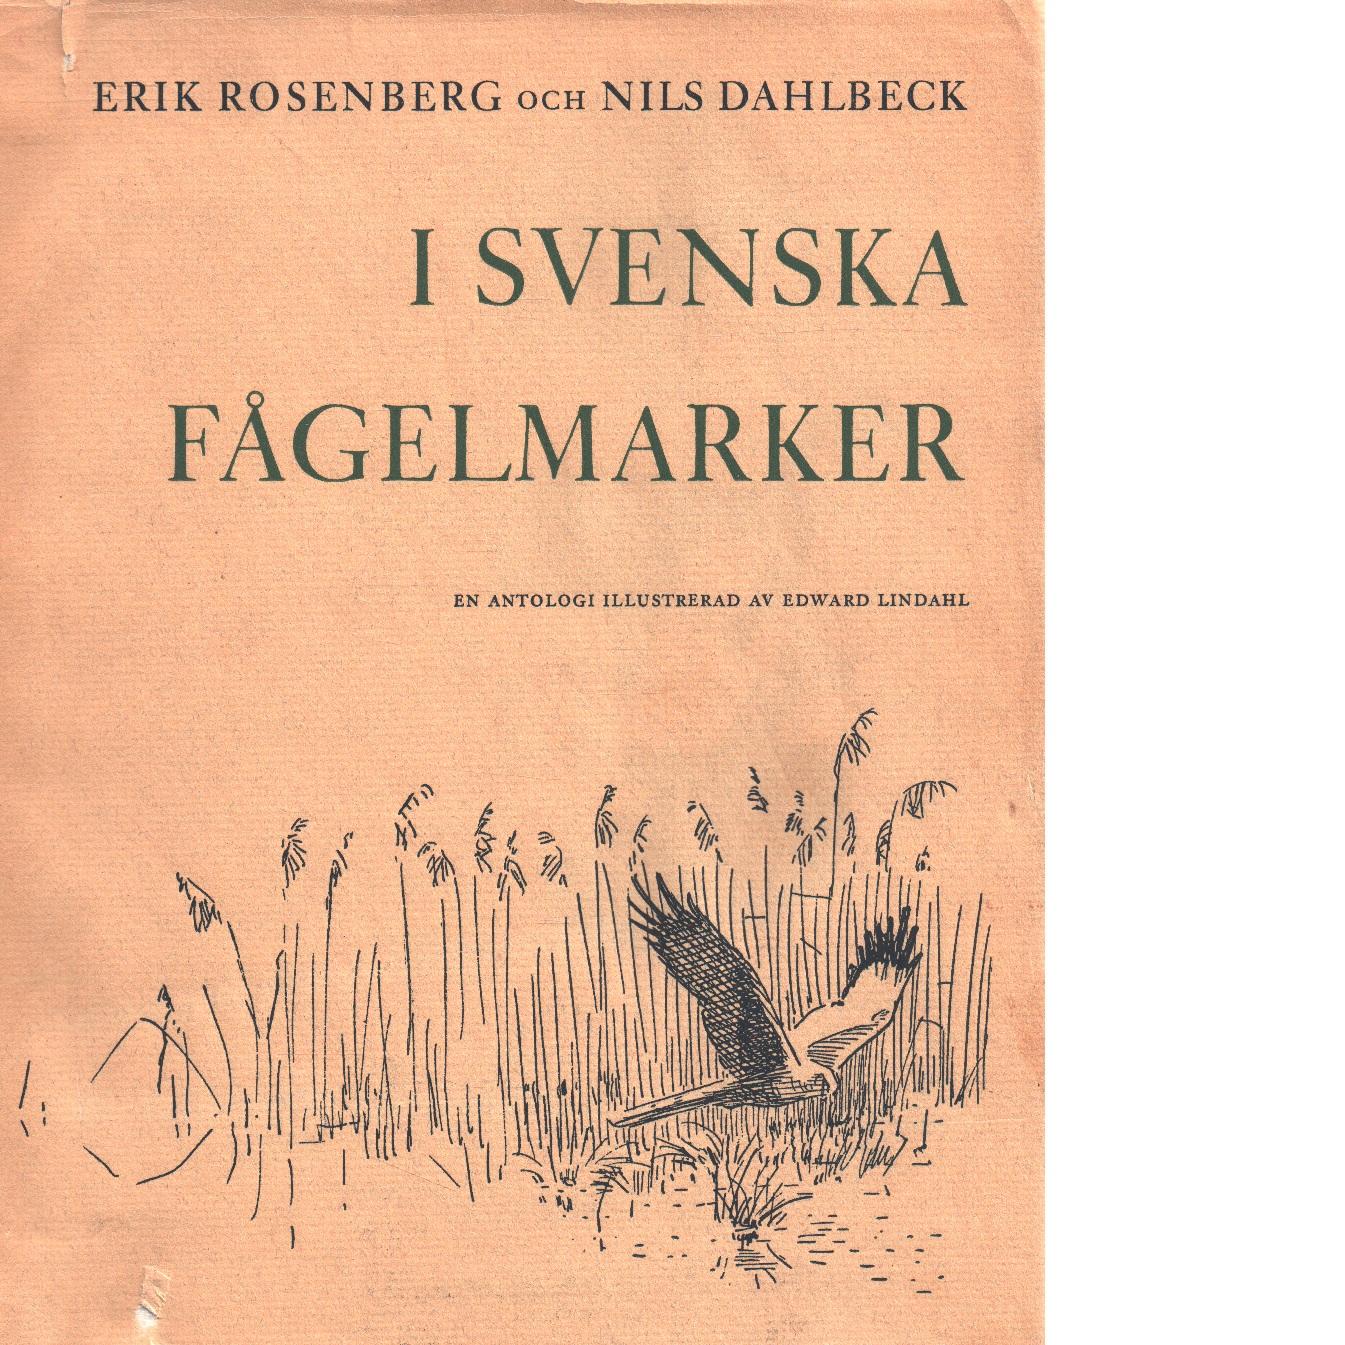 I svenska fågelmarker - Rosenberg, Erik  och Dahlbeck, Nils